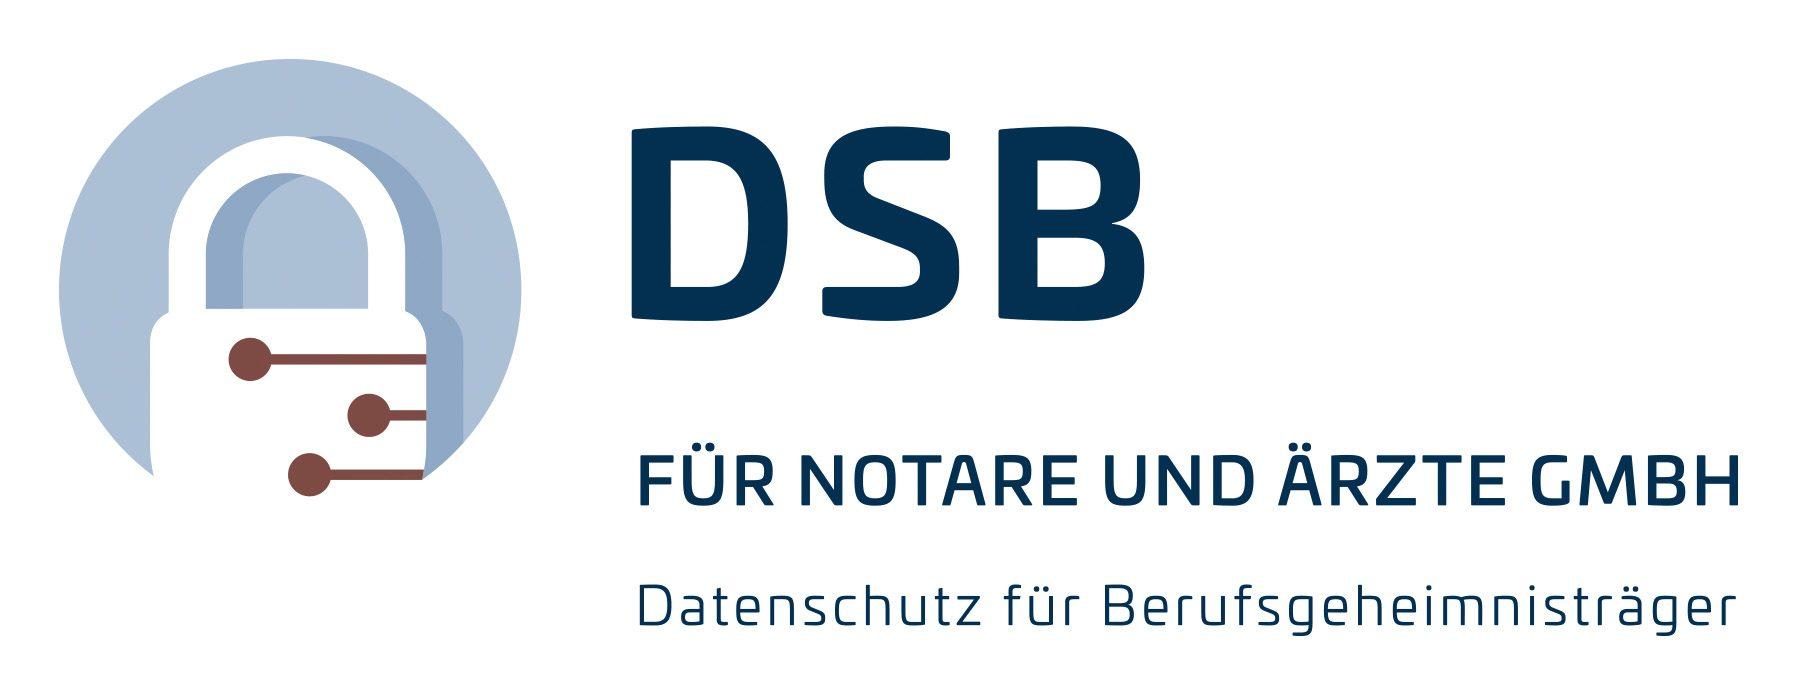 DSB für Notare und Ärzte GmbH